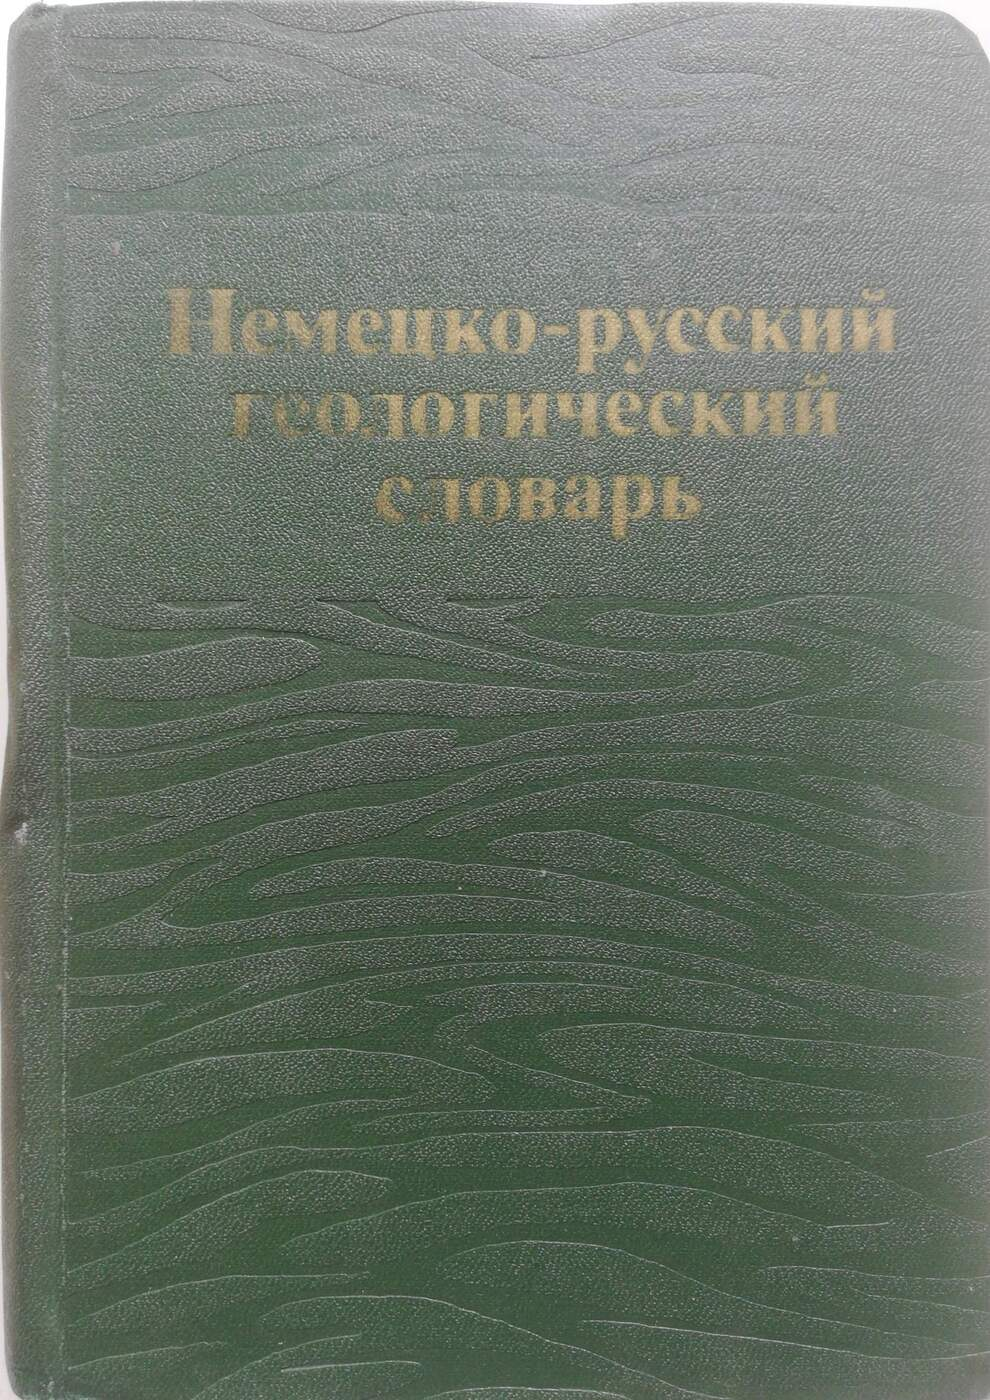 Е. Бурштейн Немецко-русский геологический словарь геологический словарь том 3 р я